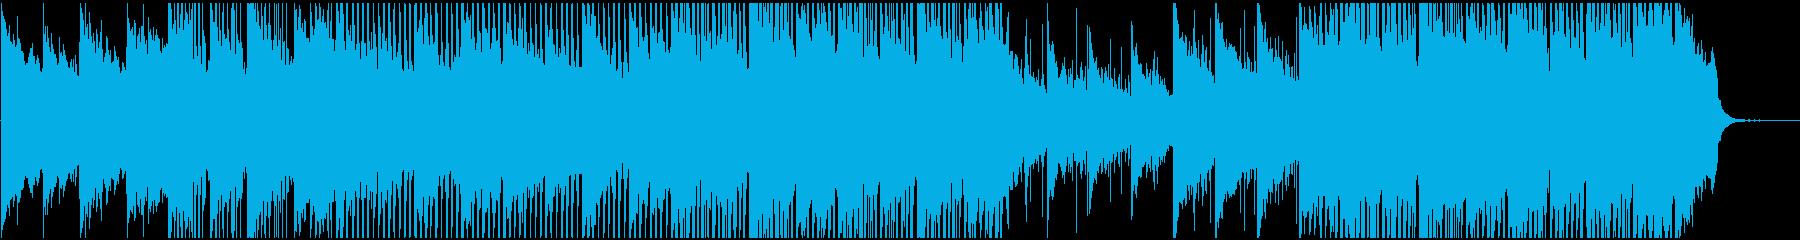 ブレイクビーツ 企業イメージ ポジ...の再生済みの波形